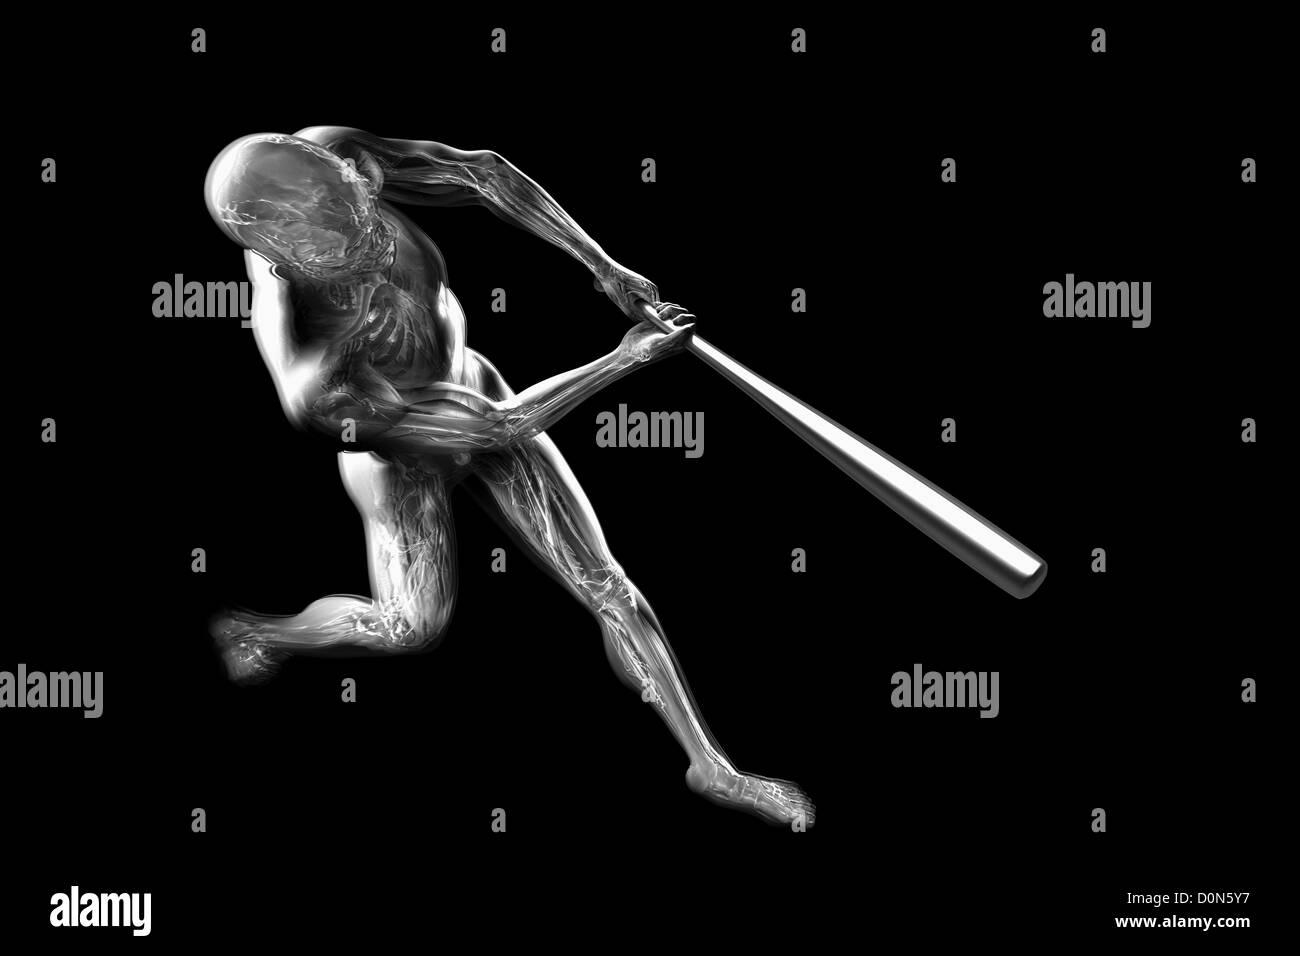 Ziemlich Anatomie Und Physiologie Sichtbar Körper Bilder ...